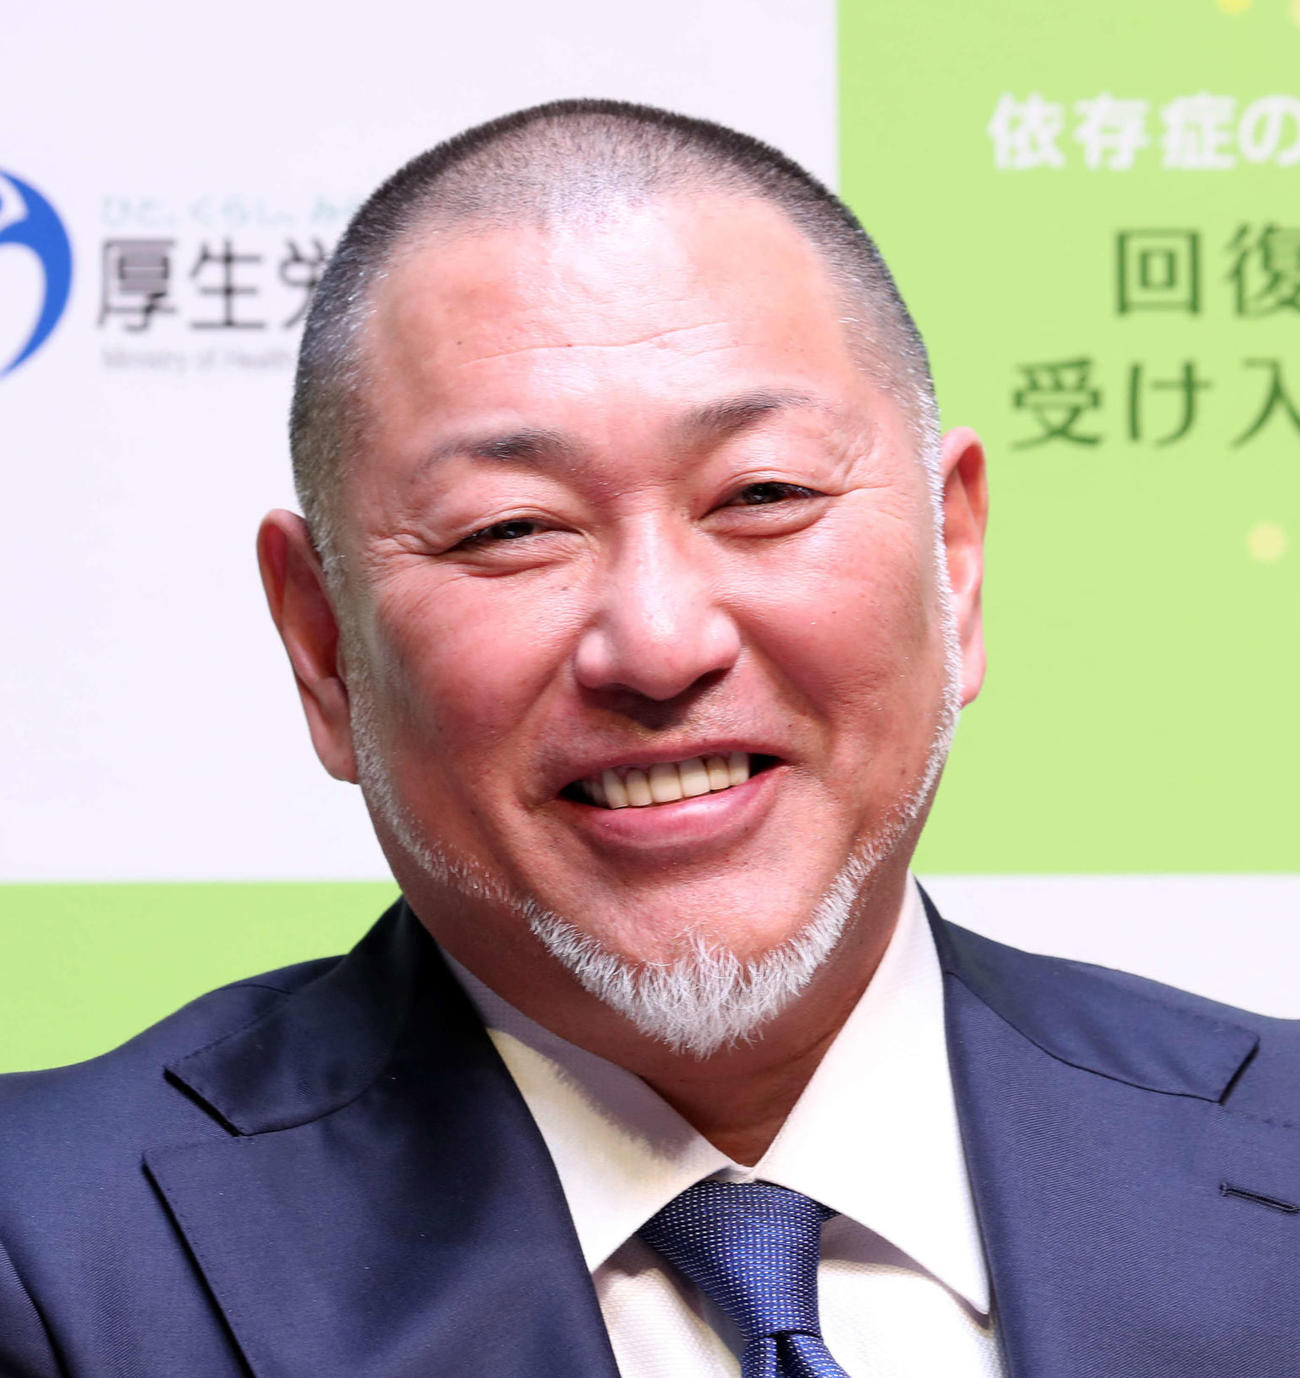 清原和博氏(2020年3月1日撮影)